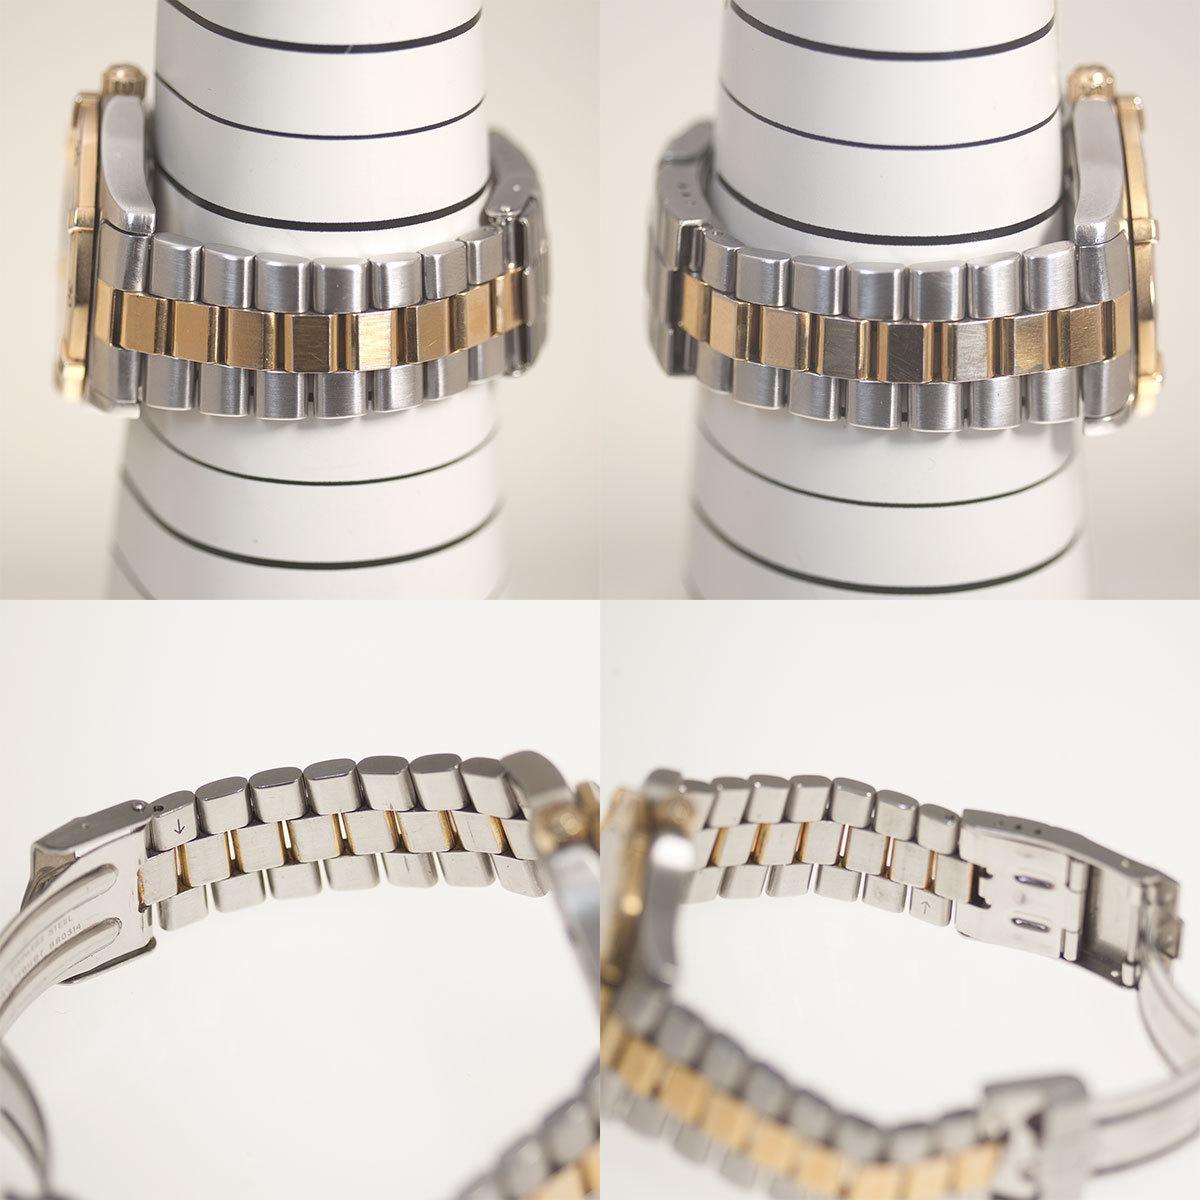 【TAG HEUER】タグホイヤー WK1121「プロフェッショナル 200m」クォーツ メンズ 腕時計【中古品】_画像9